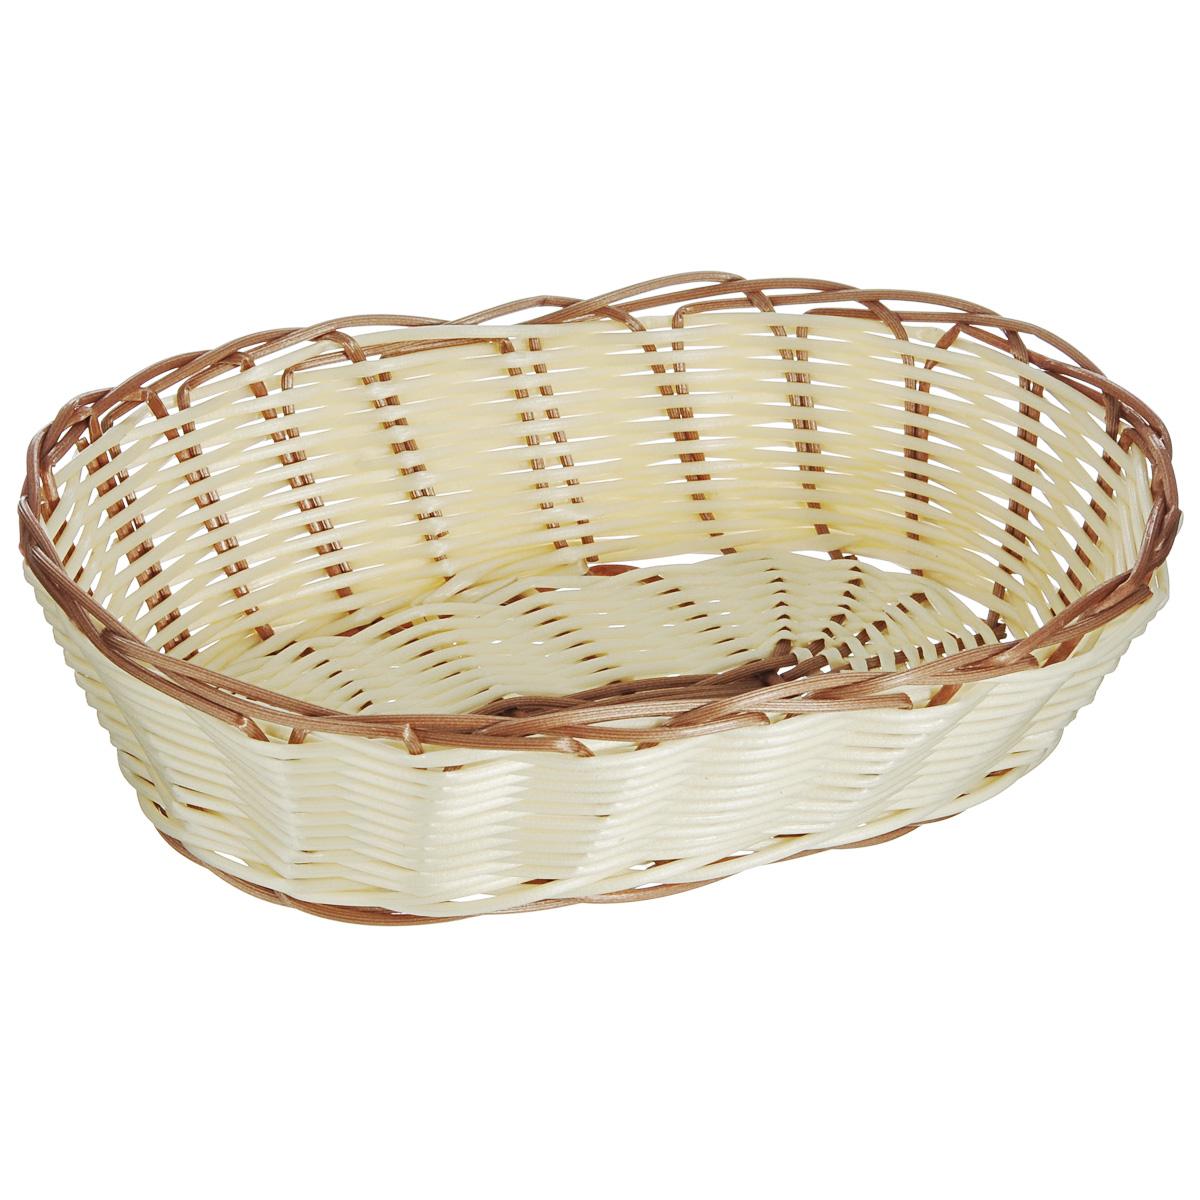 Корзинка для хлеба Kesper, 25 см х 17,5 см х 7 см. 1981-0VT-1520(SR)Оригинальная плетеная корзинка Kesper овальной формы, выполнена из пластика, напоминающего фактуру дерева. Корзинка прекрасно подойдет для вашей кухни. Она предназначена для красивой сервировки хлебобулочной продукции.Изящный дизайн придется по вкусу и ценителям классики, и тем, кто предпочитает утонченность и изысканность. Можно мыть в посудомоечной машине. Размер корзинки: 25 см х 17,5 см х 7 см.